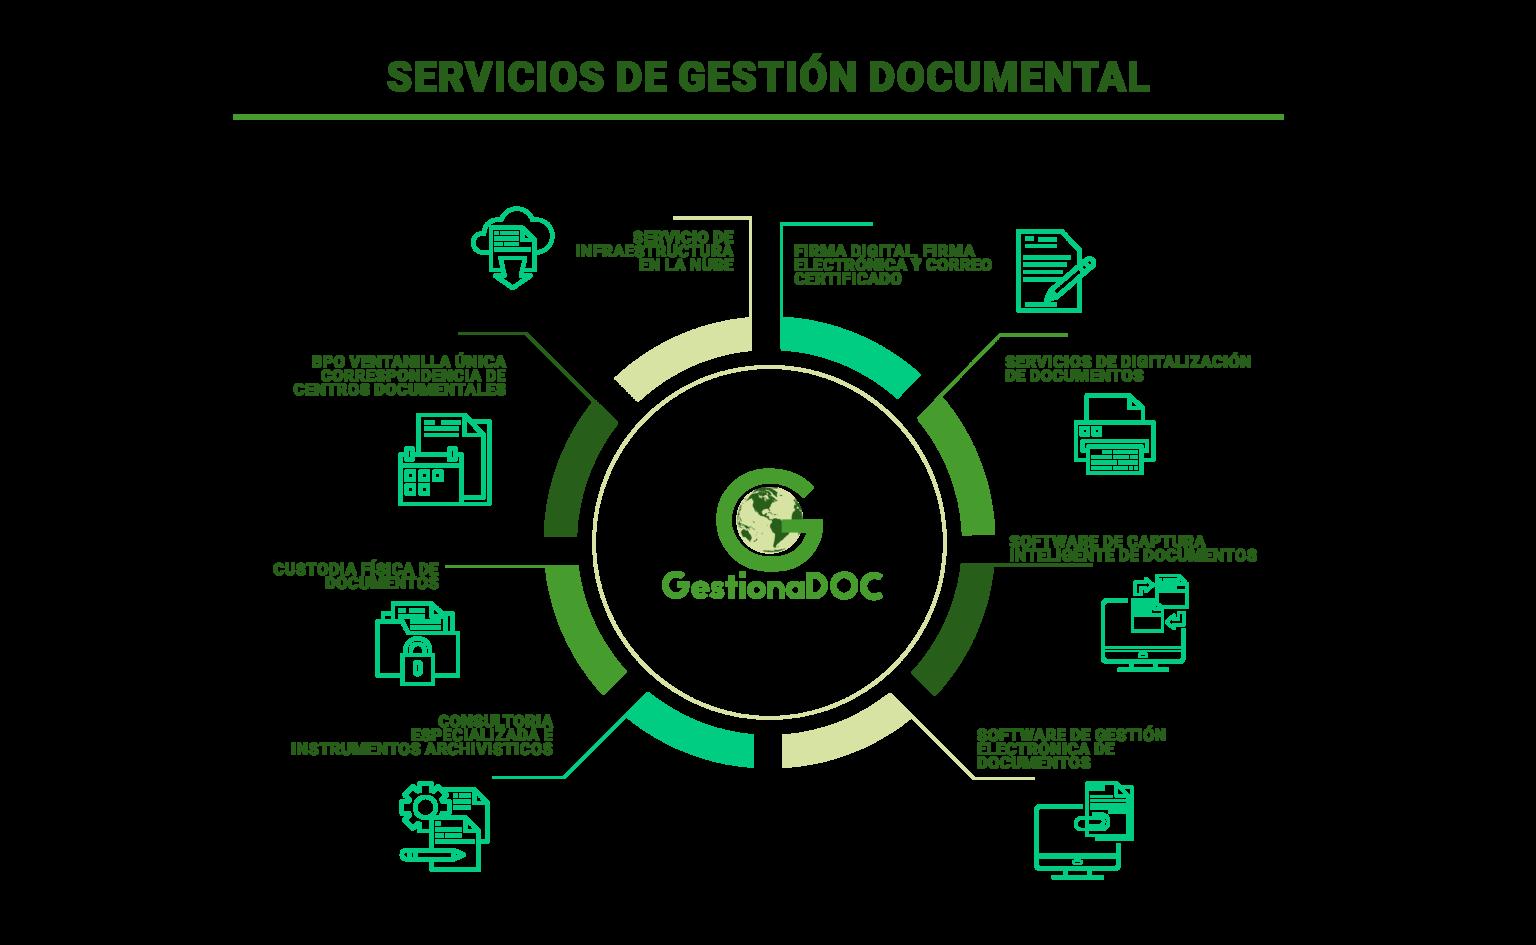 Software de gestión documental En Colombia